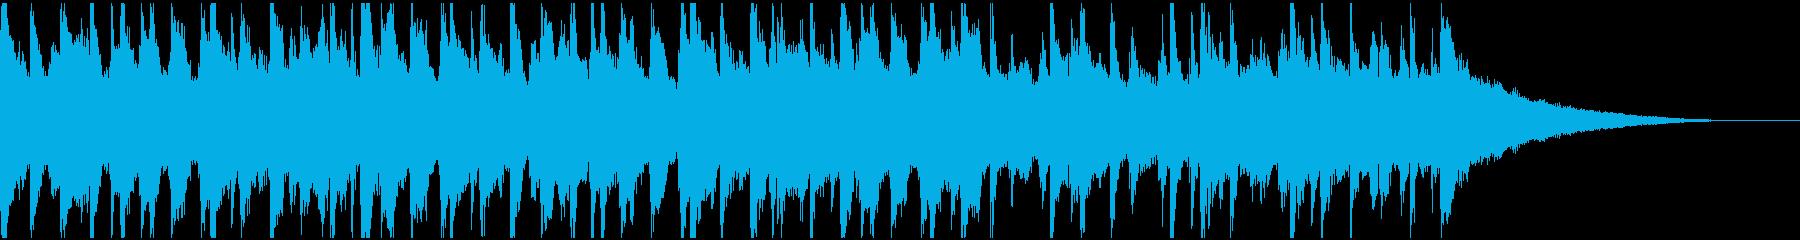 30秒ウクレレ、リコーダーの楽しい楽曲Bの再生済みの波形